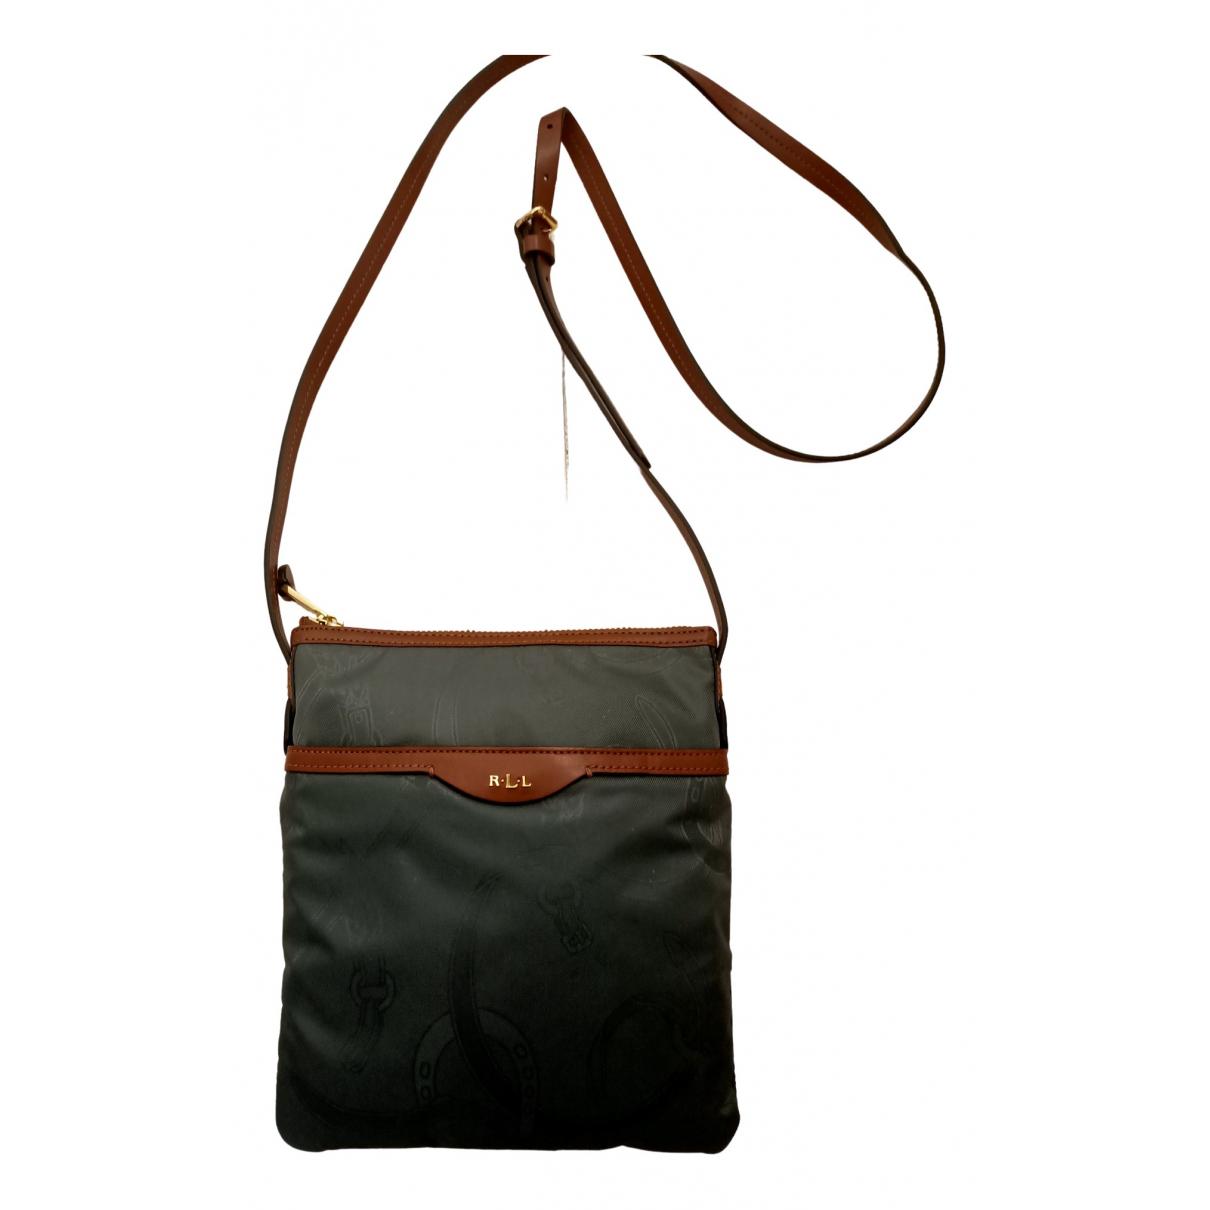 Lauren Ralph Lauren \N Grey Cotton handbag for Women \N